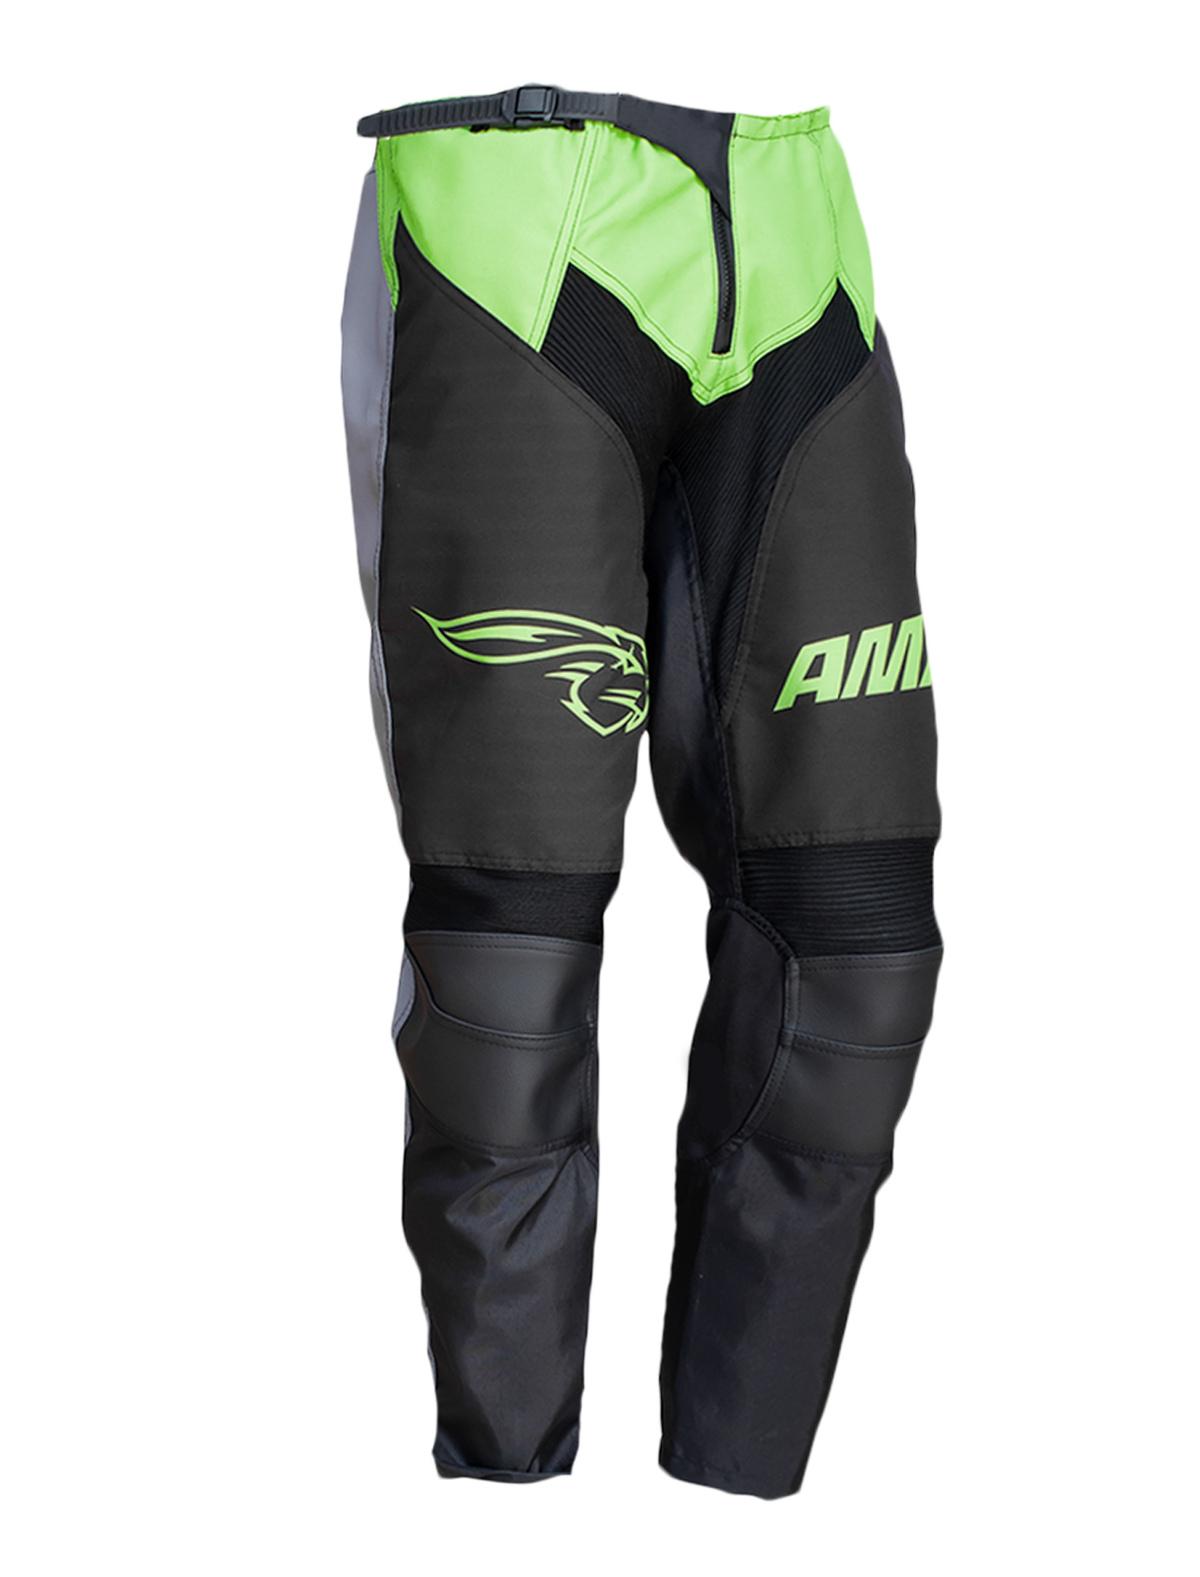 Calça Amx Prime Cross Preto Neon Trilha Motocross